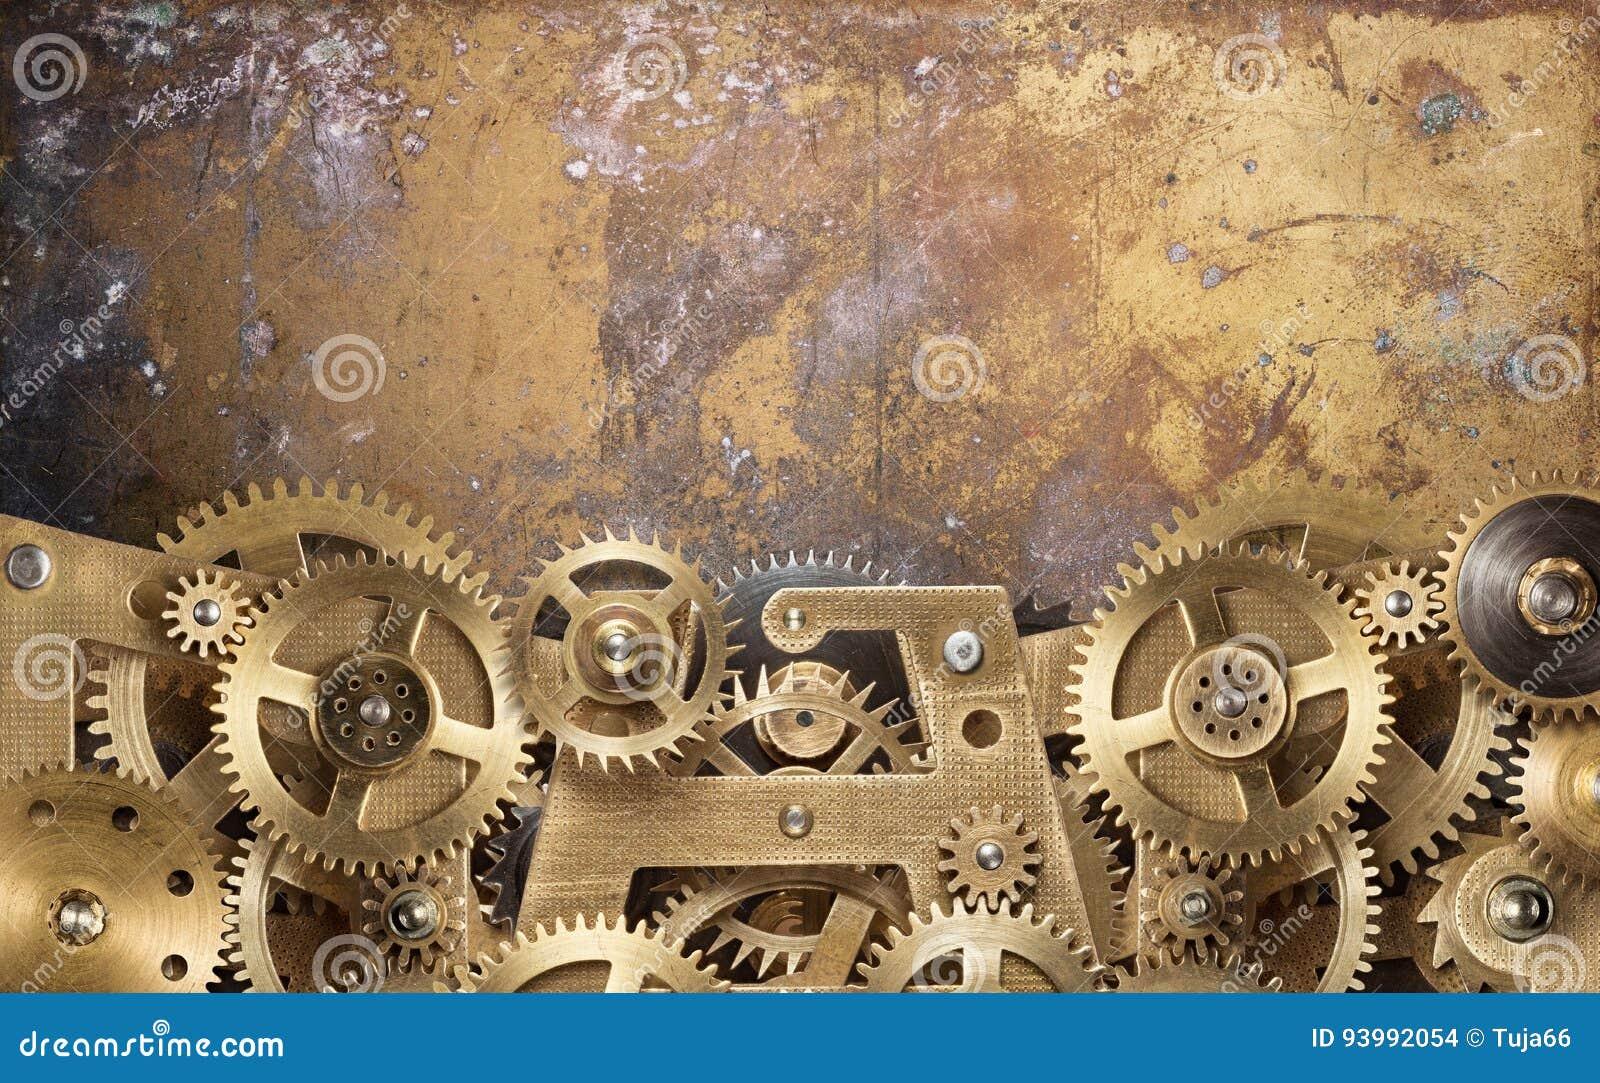 Ingranaggi del movimento a orologeria